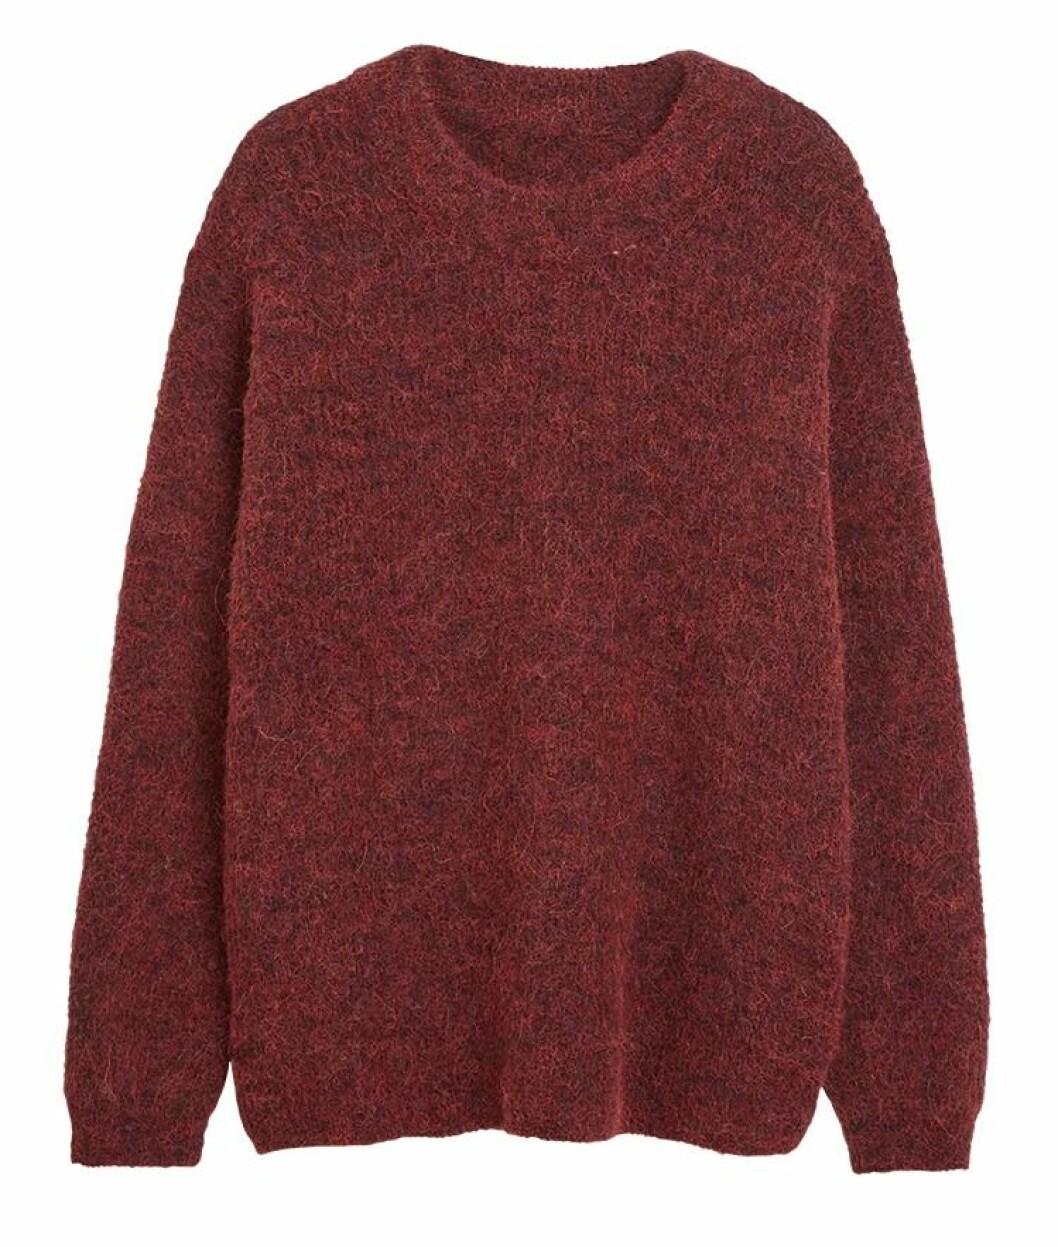 Röd stickad tröja